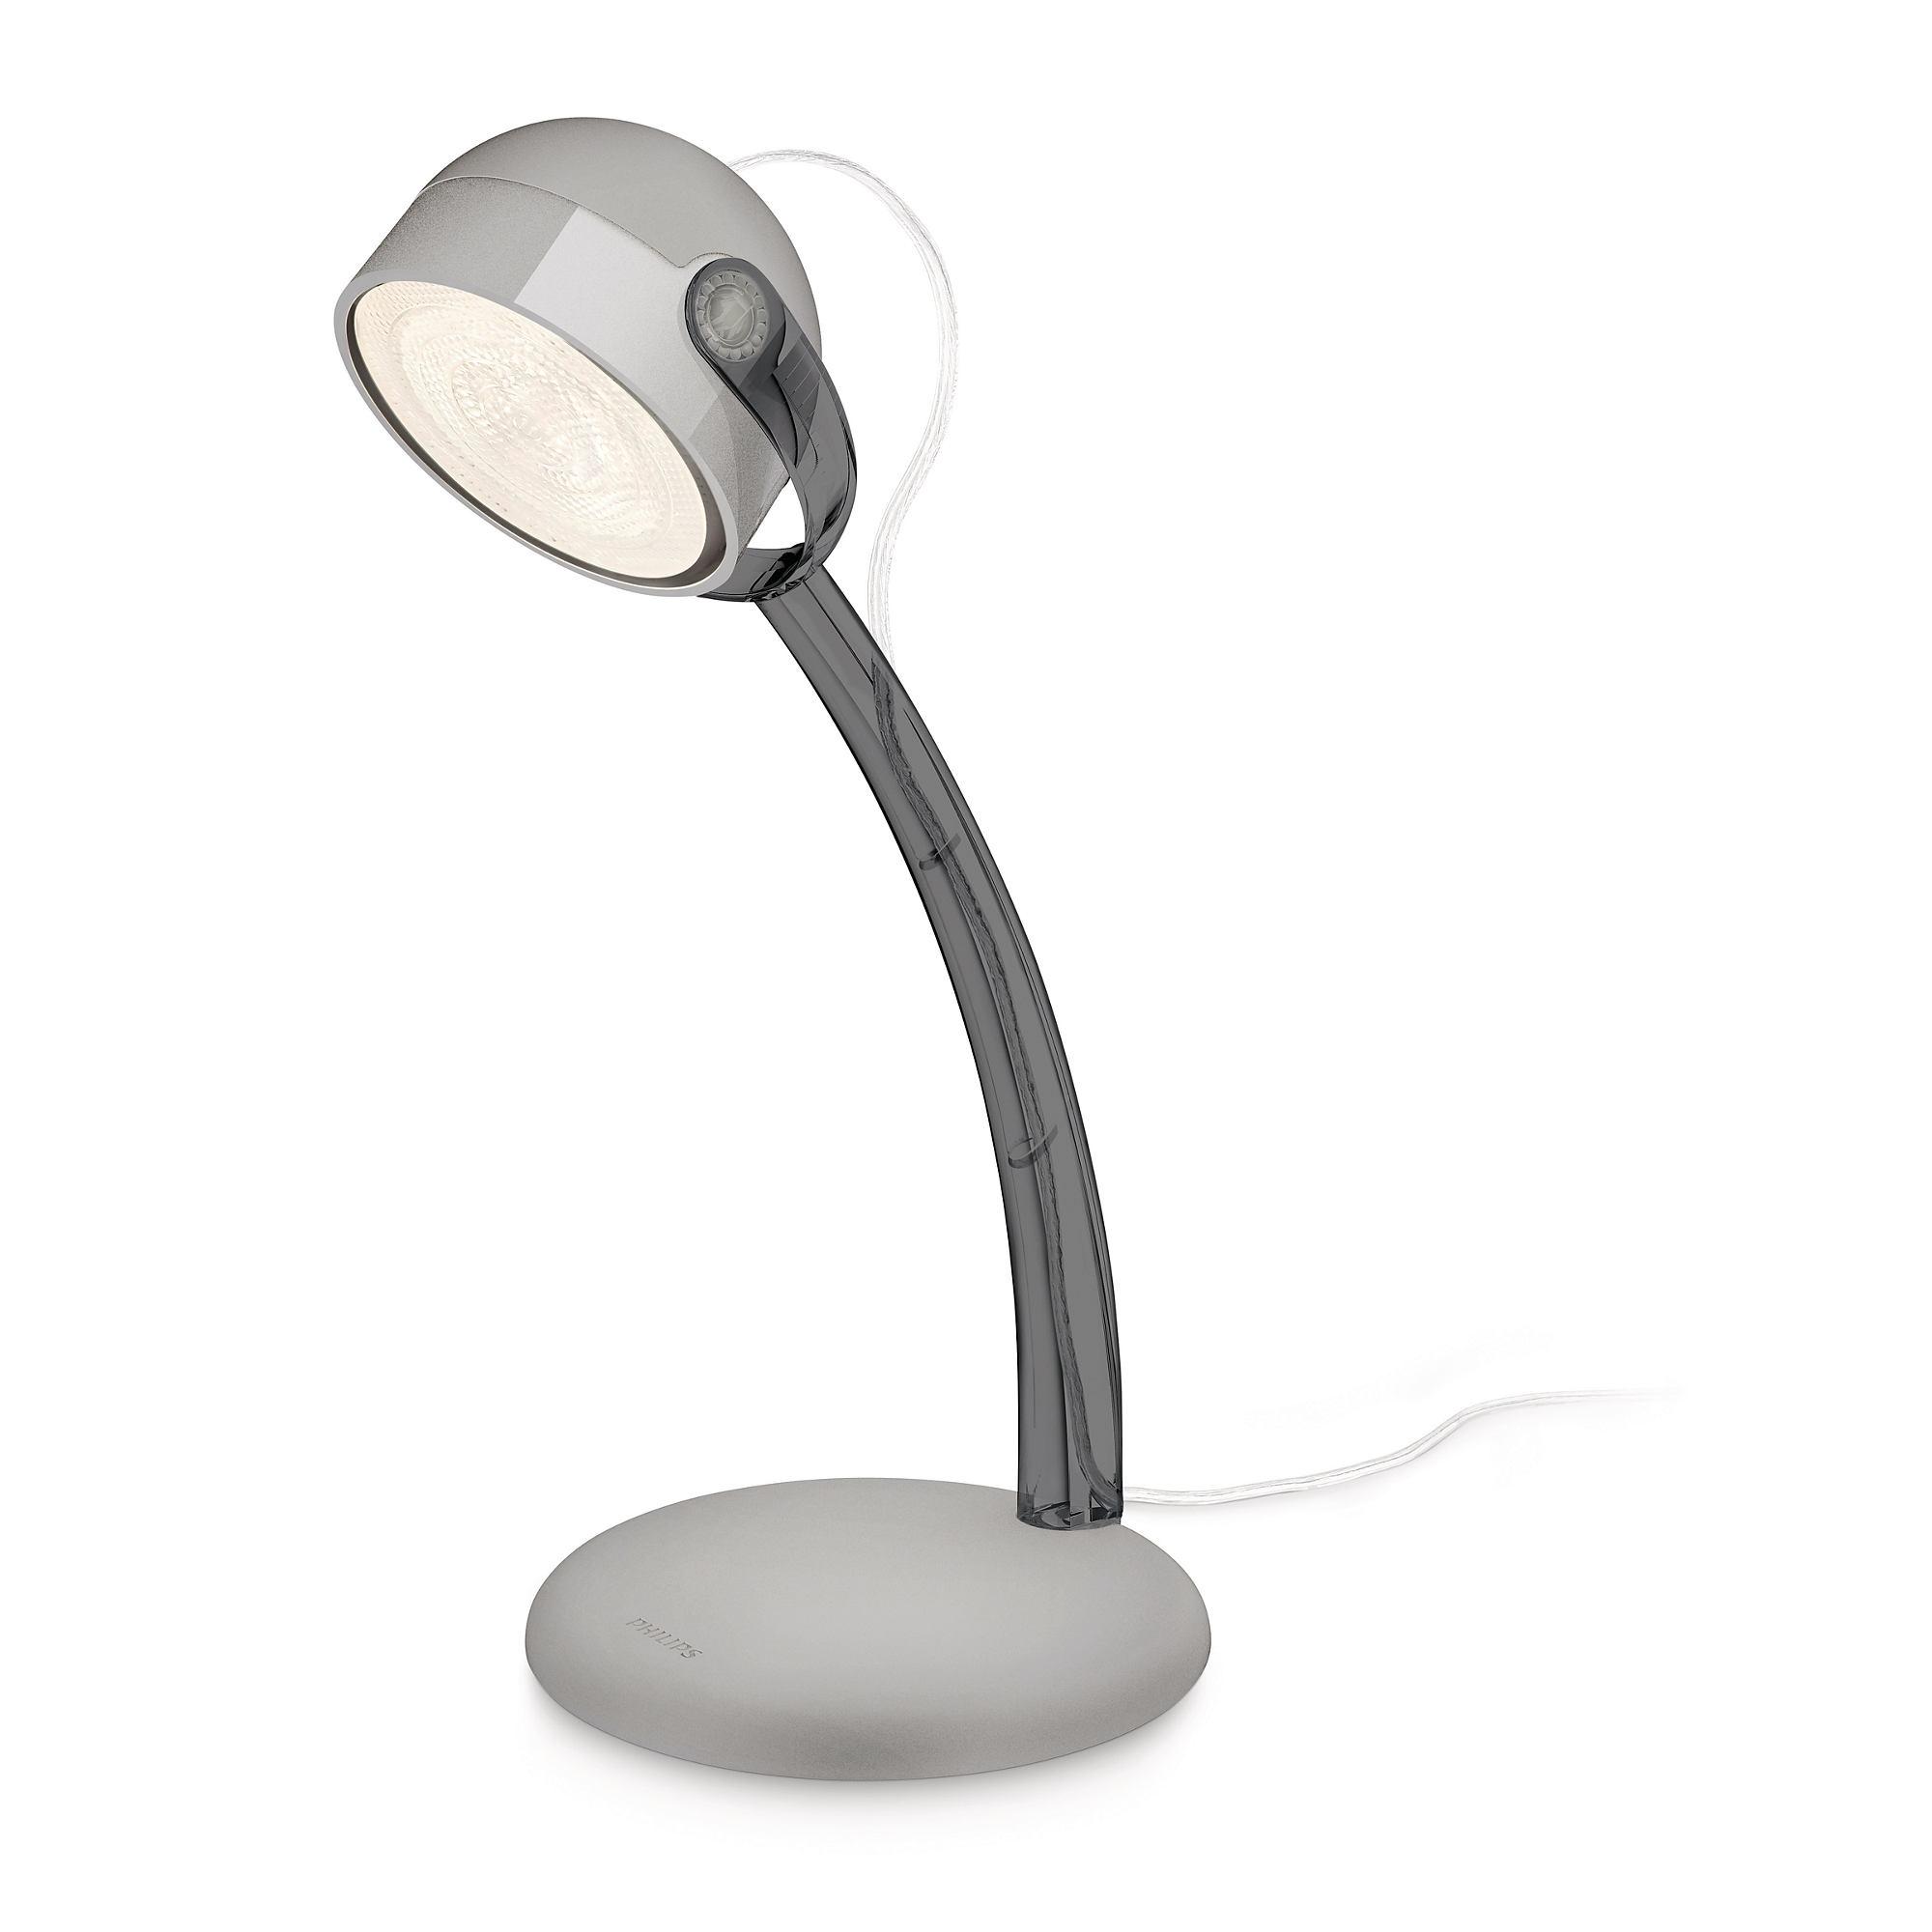 Купить настольные лампы на струбцине в интернет-магазине в